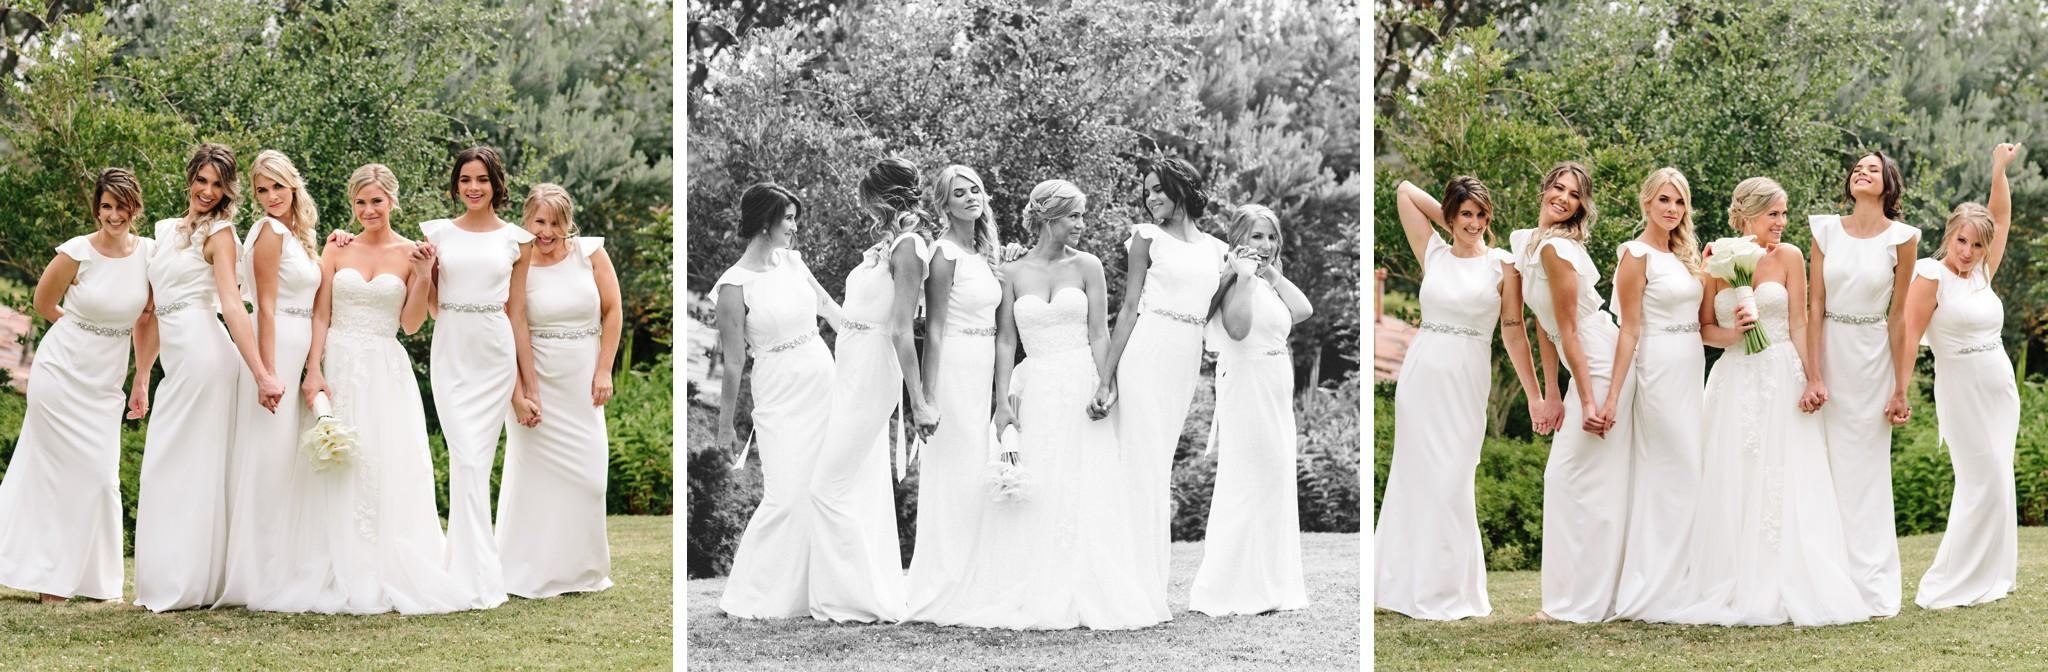 111 THEDELAURAS_THE_INN_AT_RANCHO_SANTA_FE_WEDDING_BRIDAL PARTY_BLOG111.jpg